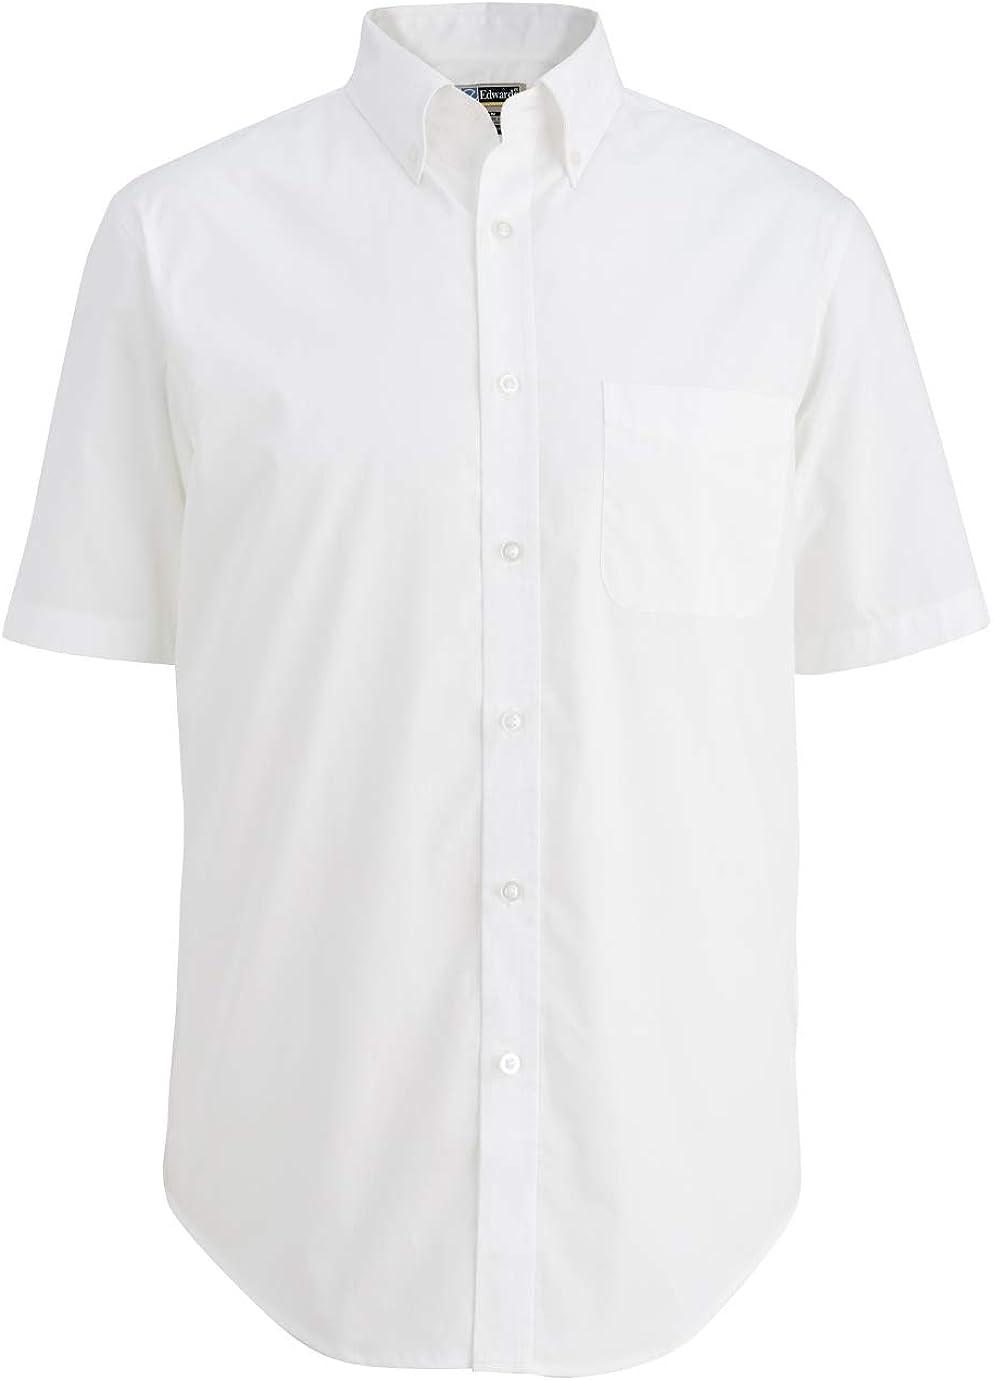 Averill's Sharper Uniforms Men's Restaurant Poplin Comfort Stretch Short Sleeve Shirt